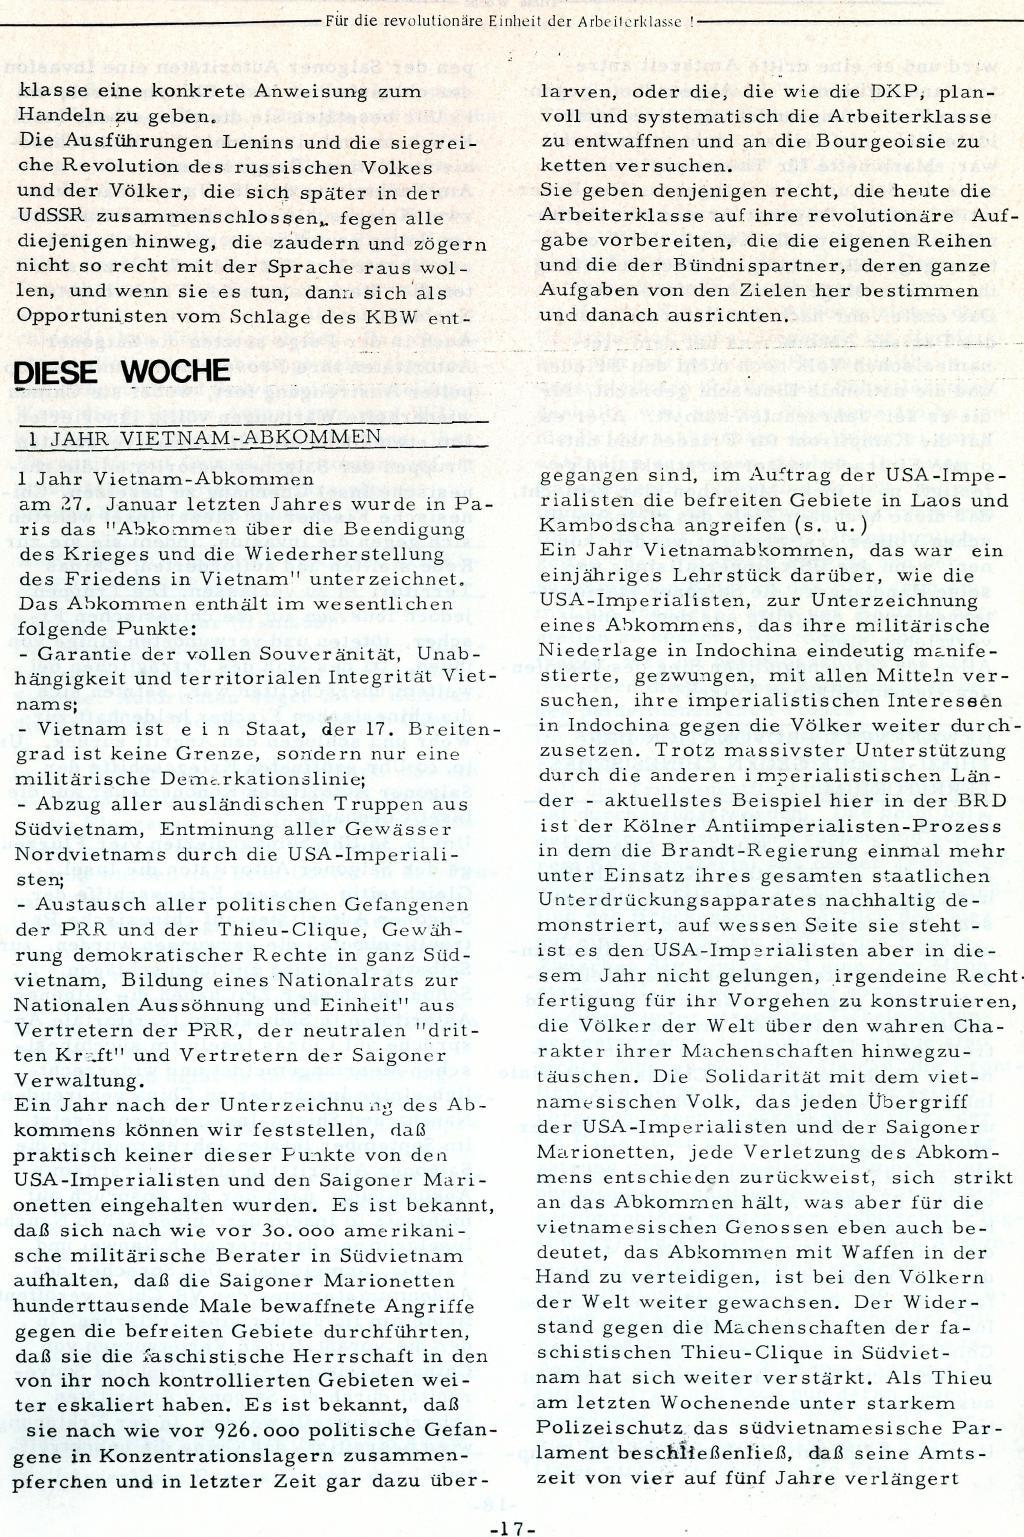 RPK_1974_04_17